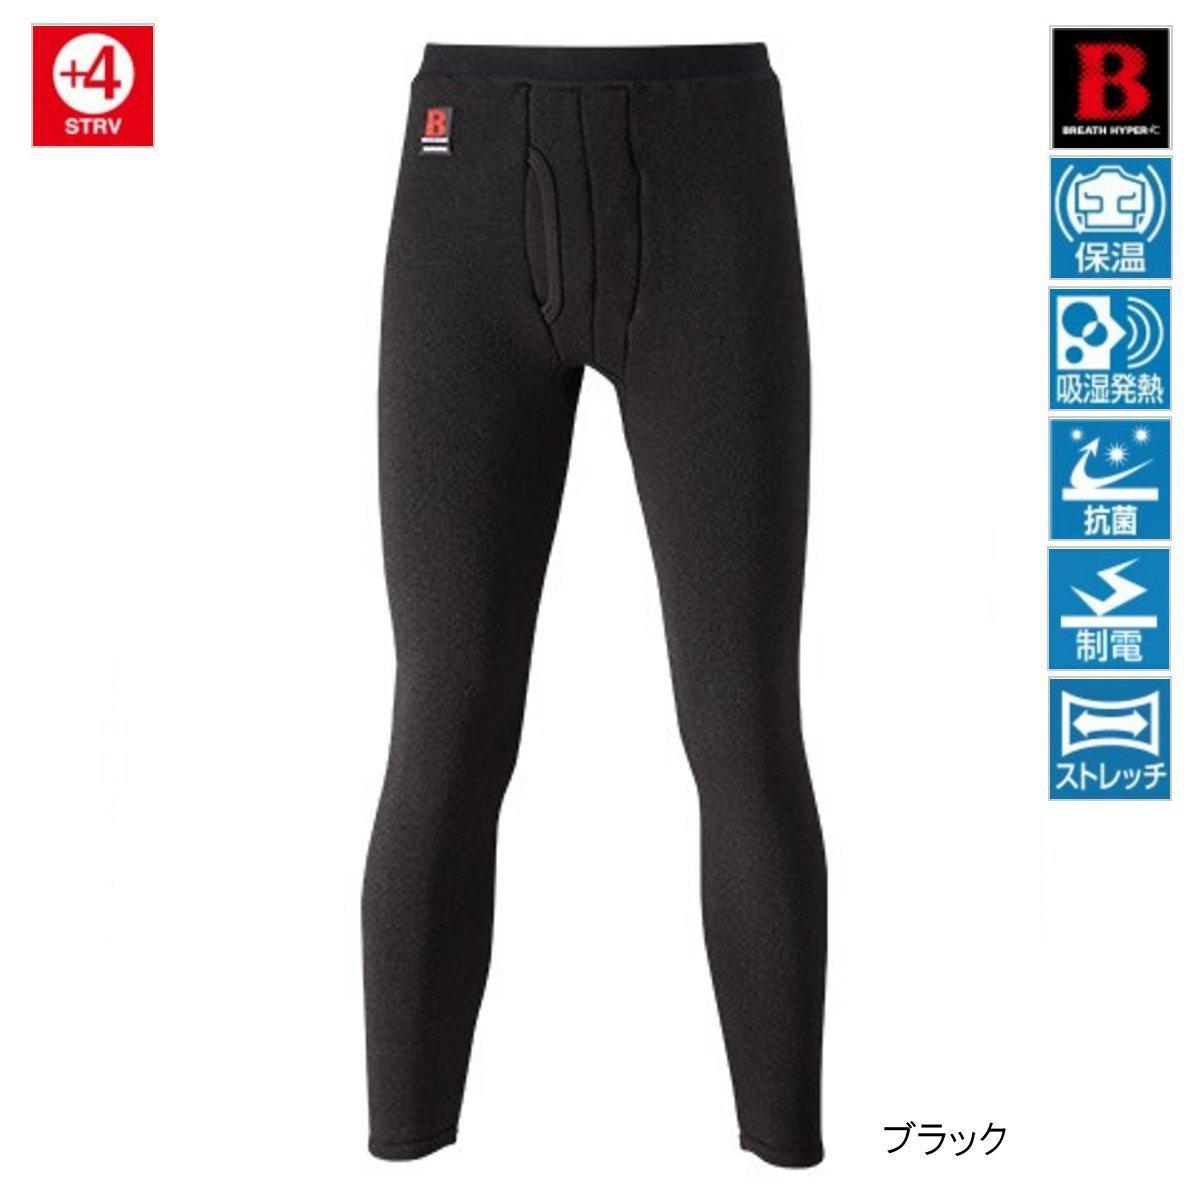 SHIMANO(シマノ) ブレスハイパー+℃ストレッチアンダータイツ 超極厚タイプ IN-035P